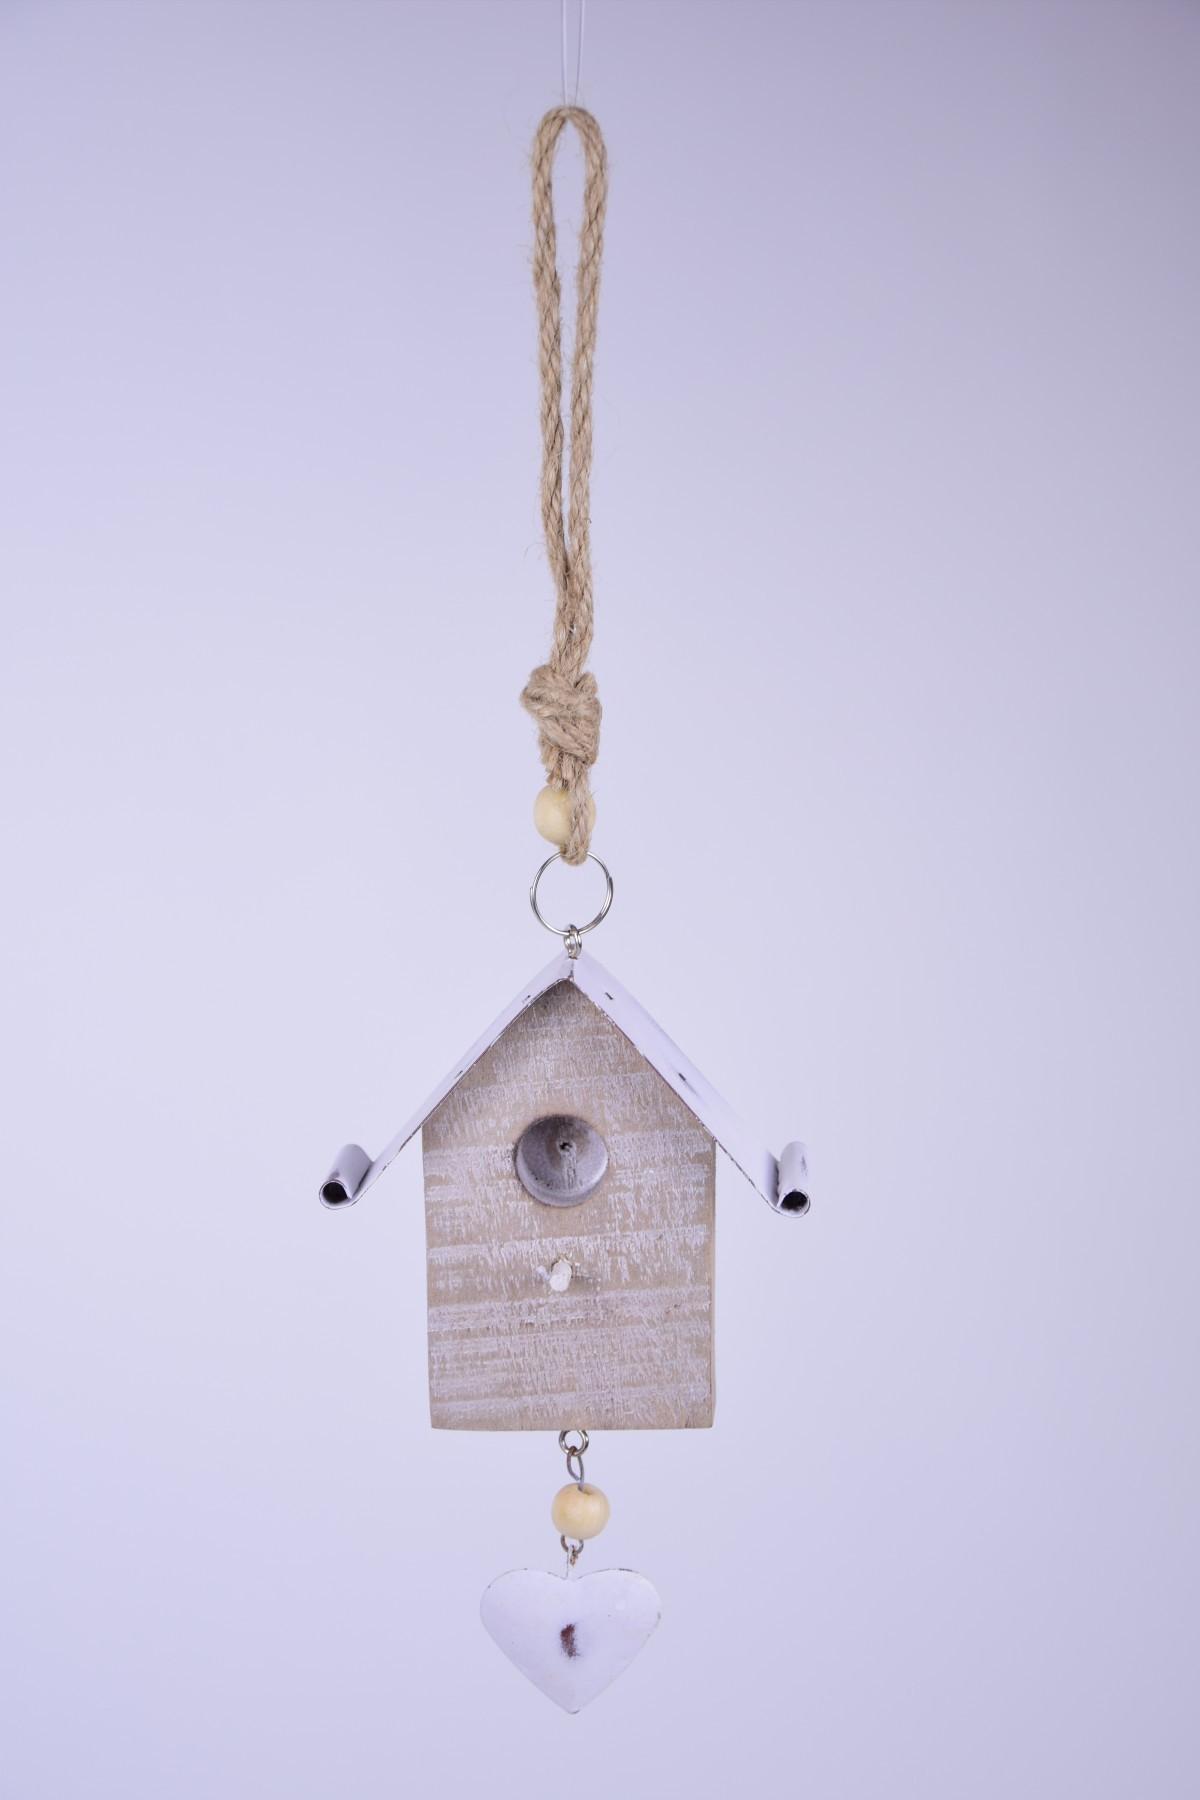 Závěsná dekorace ptačí budka 7x10x3,5cm